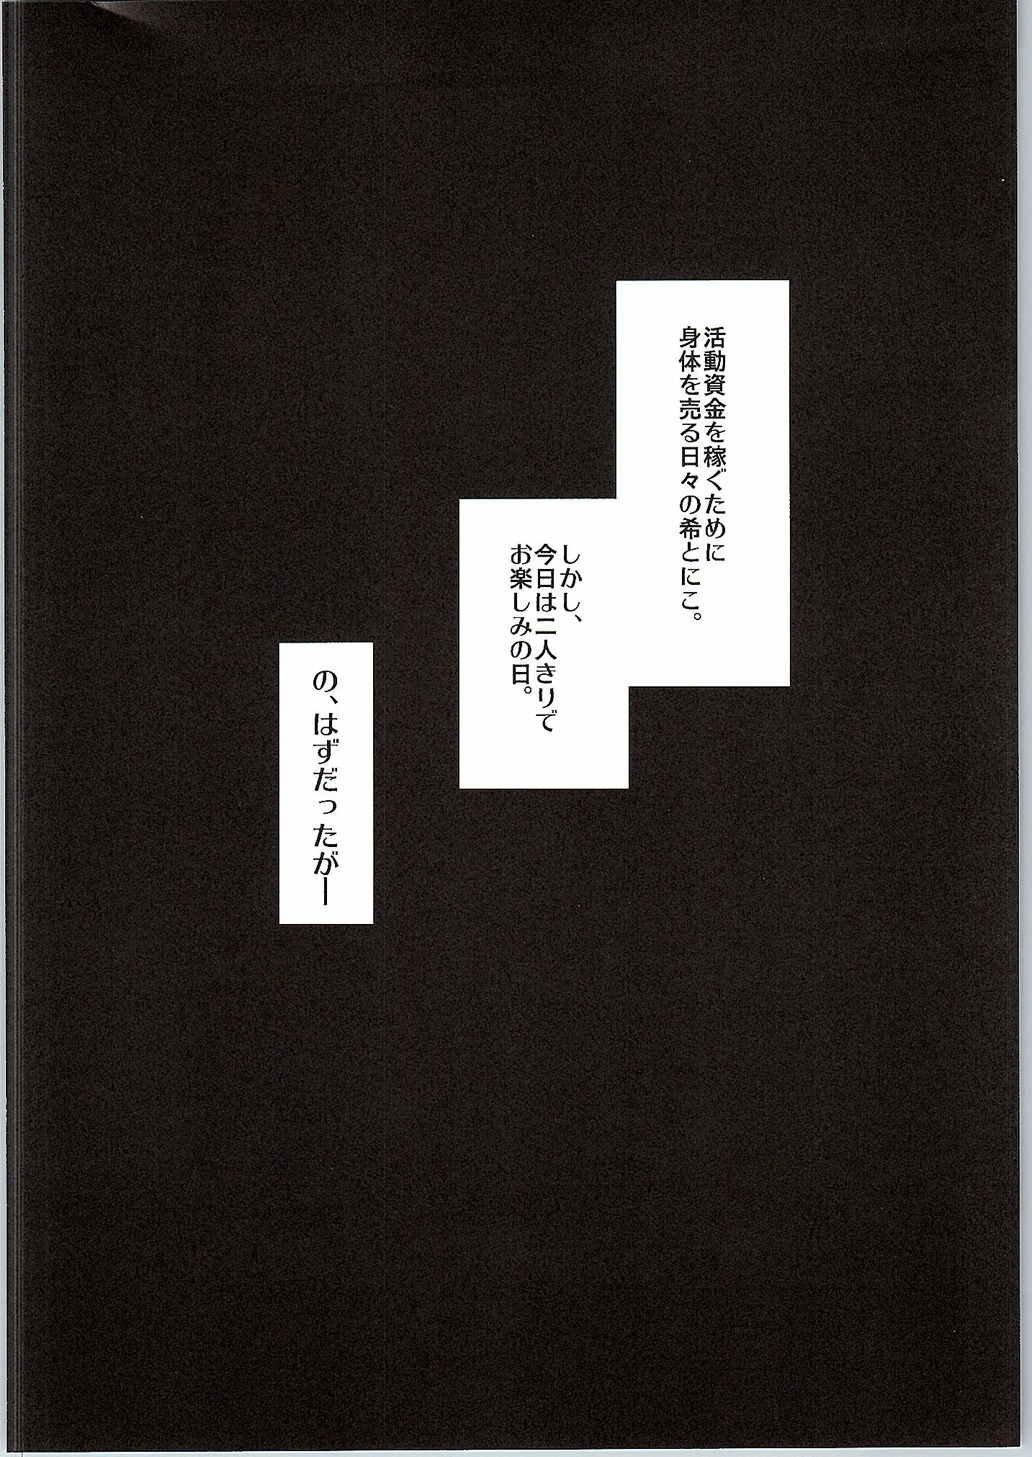 【エロ漫画】爆乳東條希と矢澤にこがレズプレイしながら男とハーレム3Pして身体売っちゃうwwwwww肉棒で感じながらレズプレイ楽しんじゃってるよwwwwww